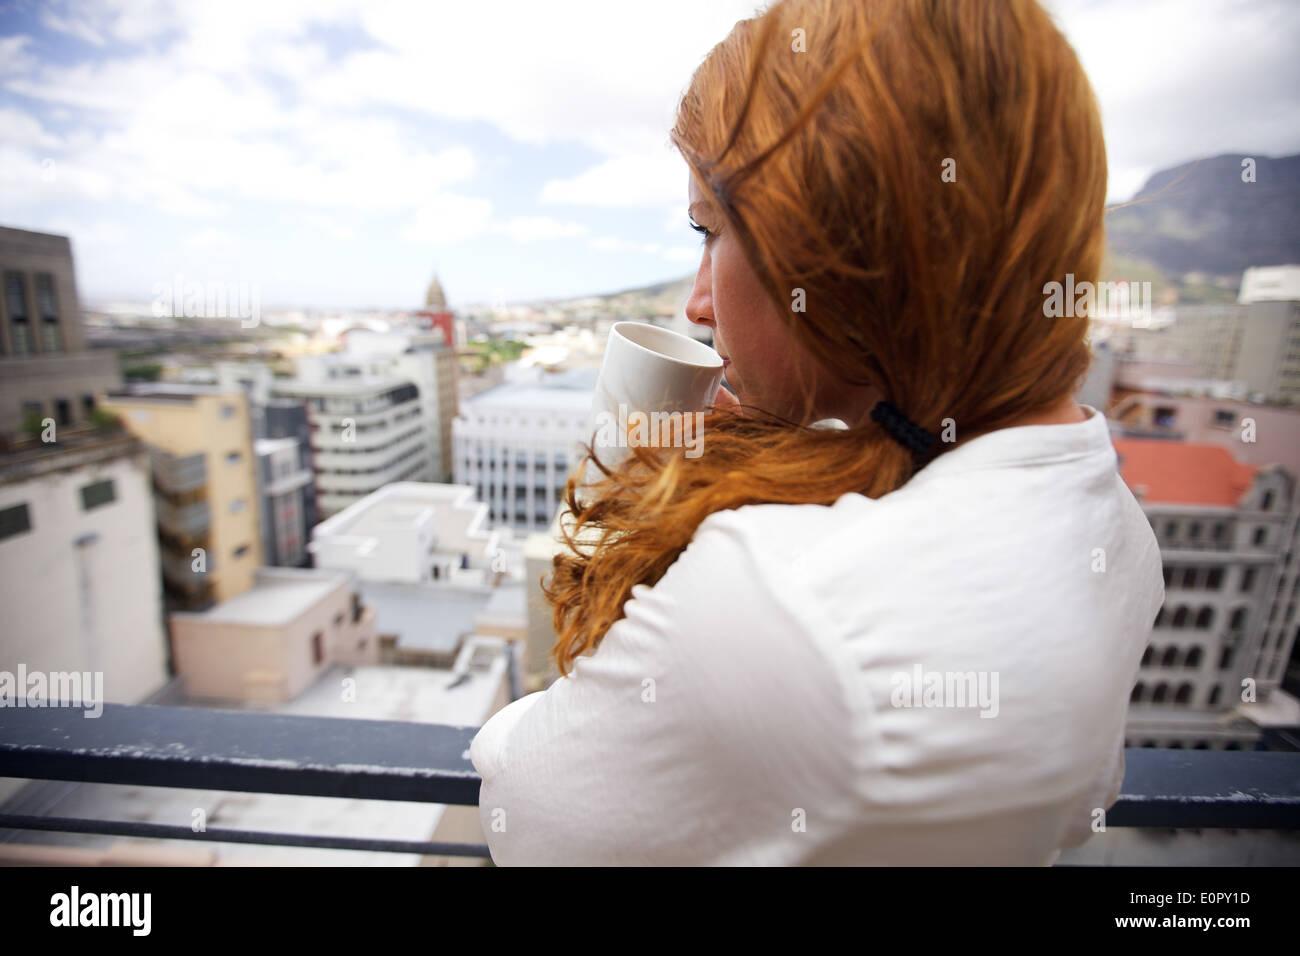 Morena atractiva de pie en un balcón sosteniendo una taza de café. Mujer joven mirando desde un balcón mientras tomaba un café. Imagen De Stock